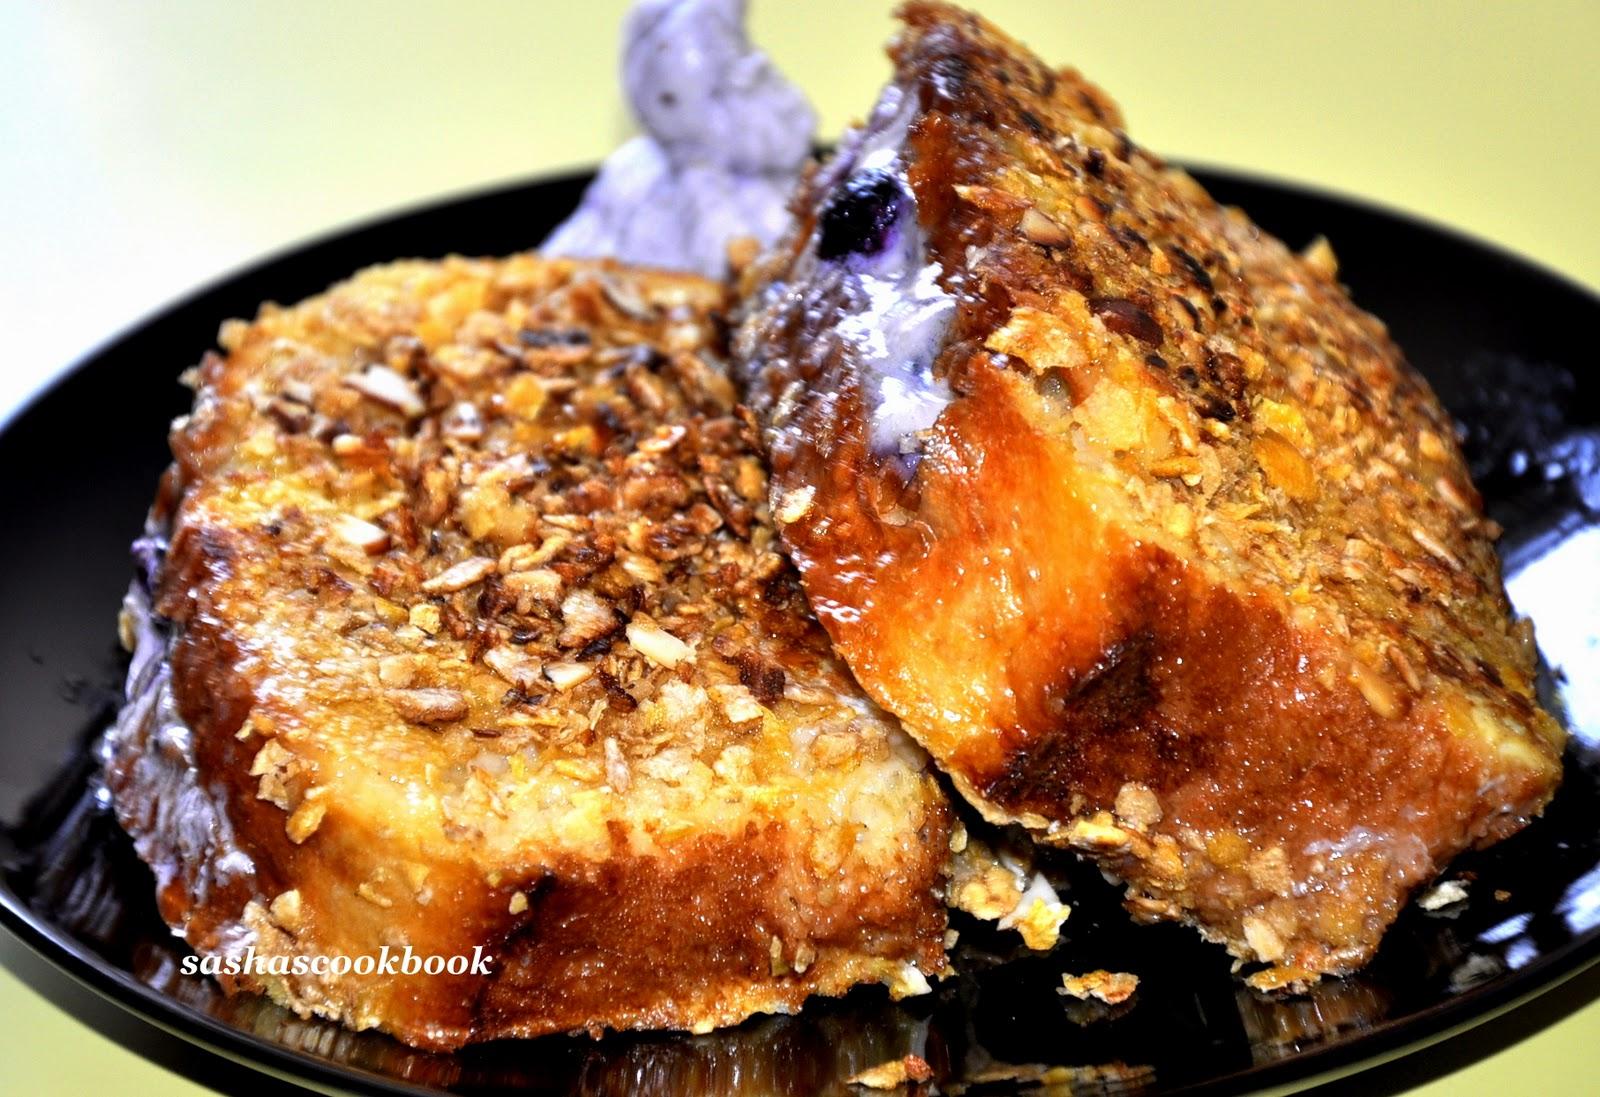 Sashas Cookbook: Blueberry Stuffed French toast